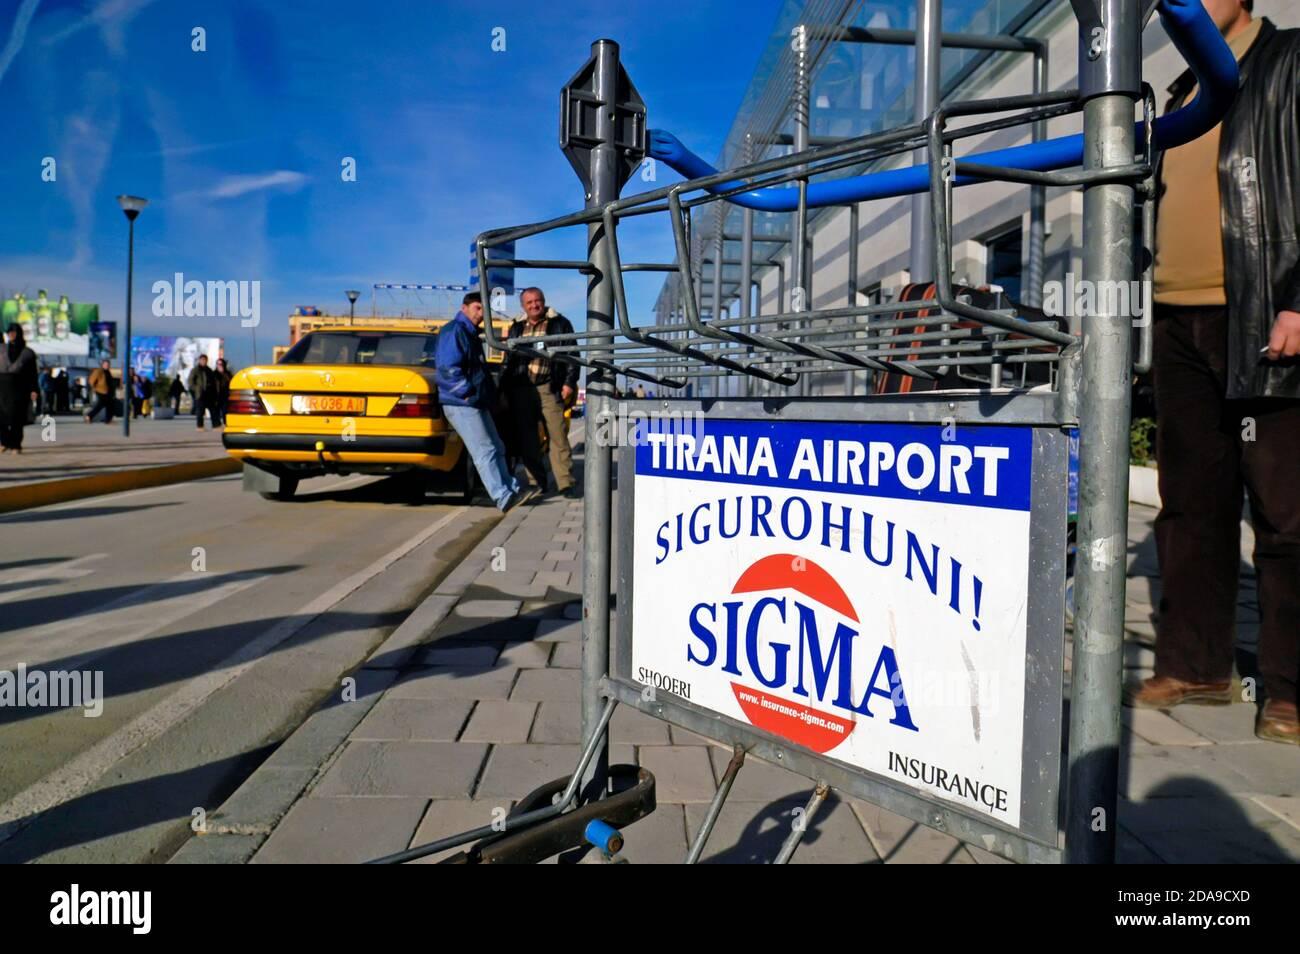 Tramway à bagages et taxi à l'aéroport mère Theresa, Tirana, Albanie Banque D'Images